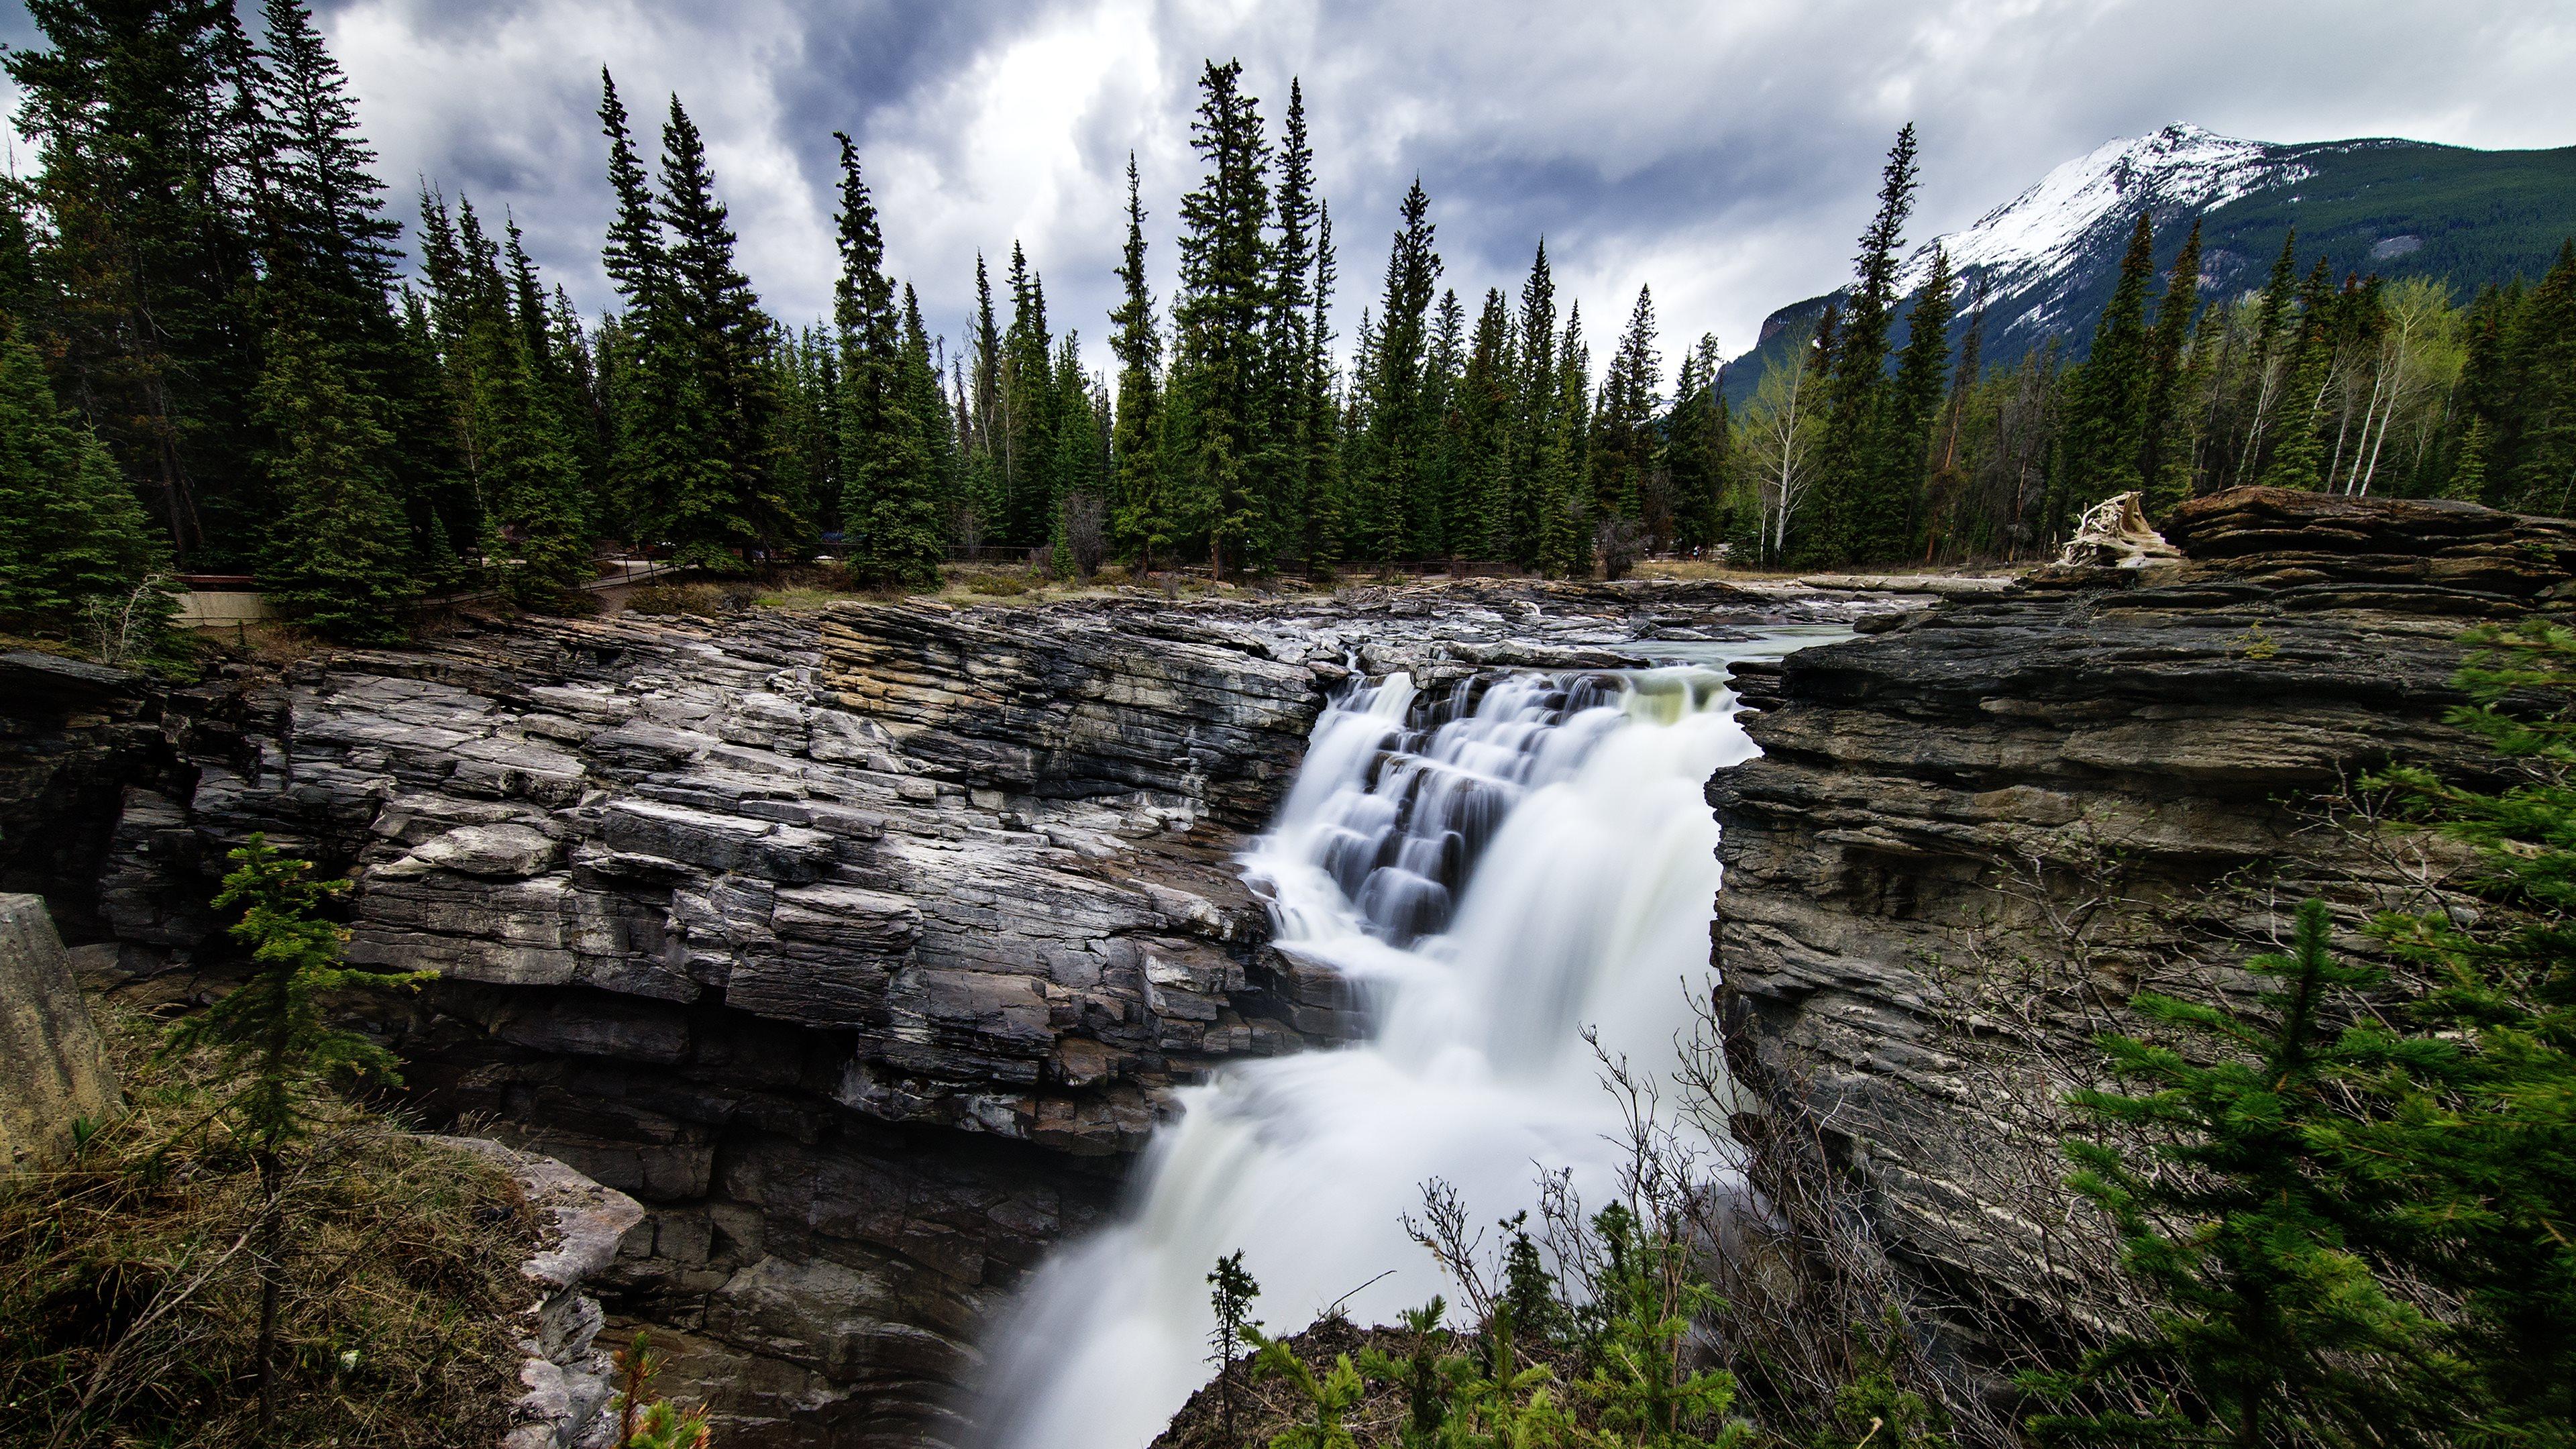 Waterfall 4k ultra hd wallpaper background image - Wallpaper hd 4k ...